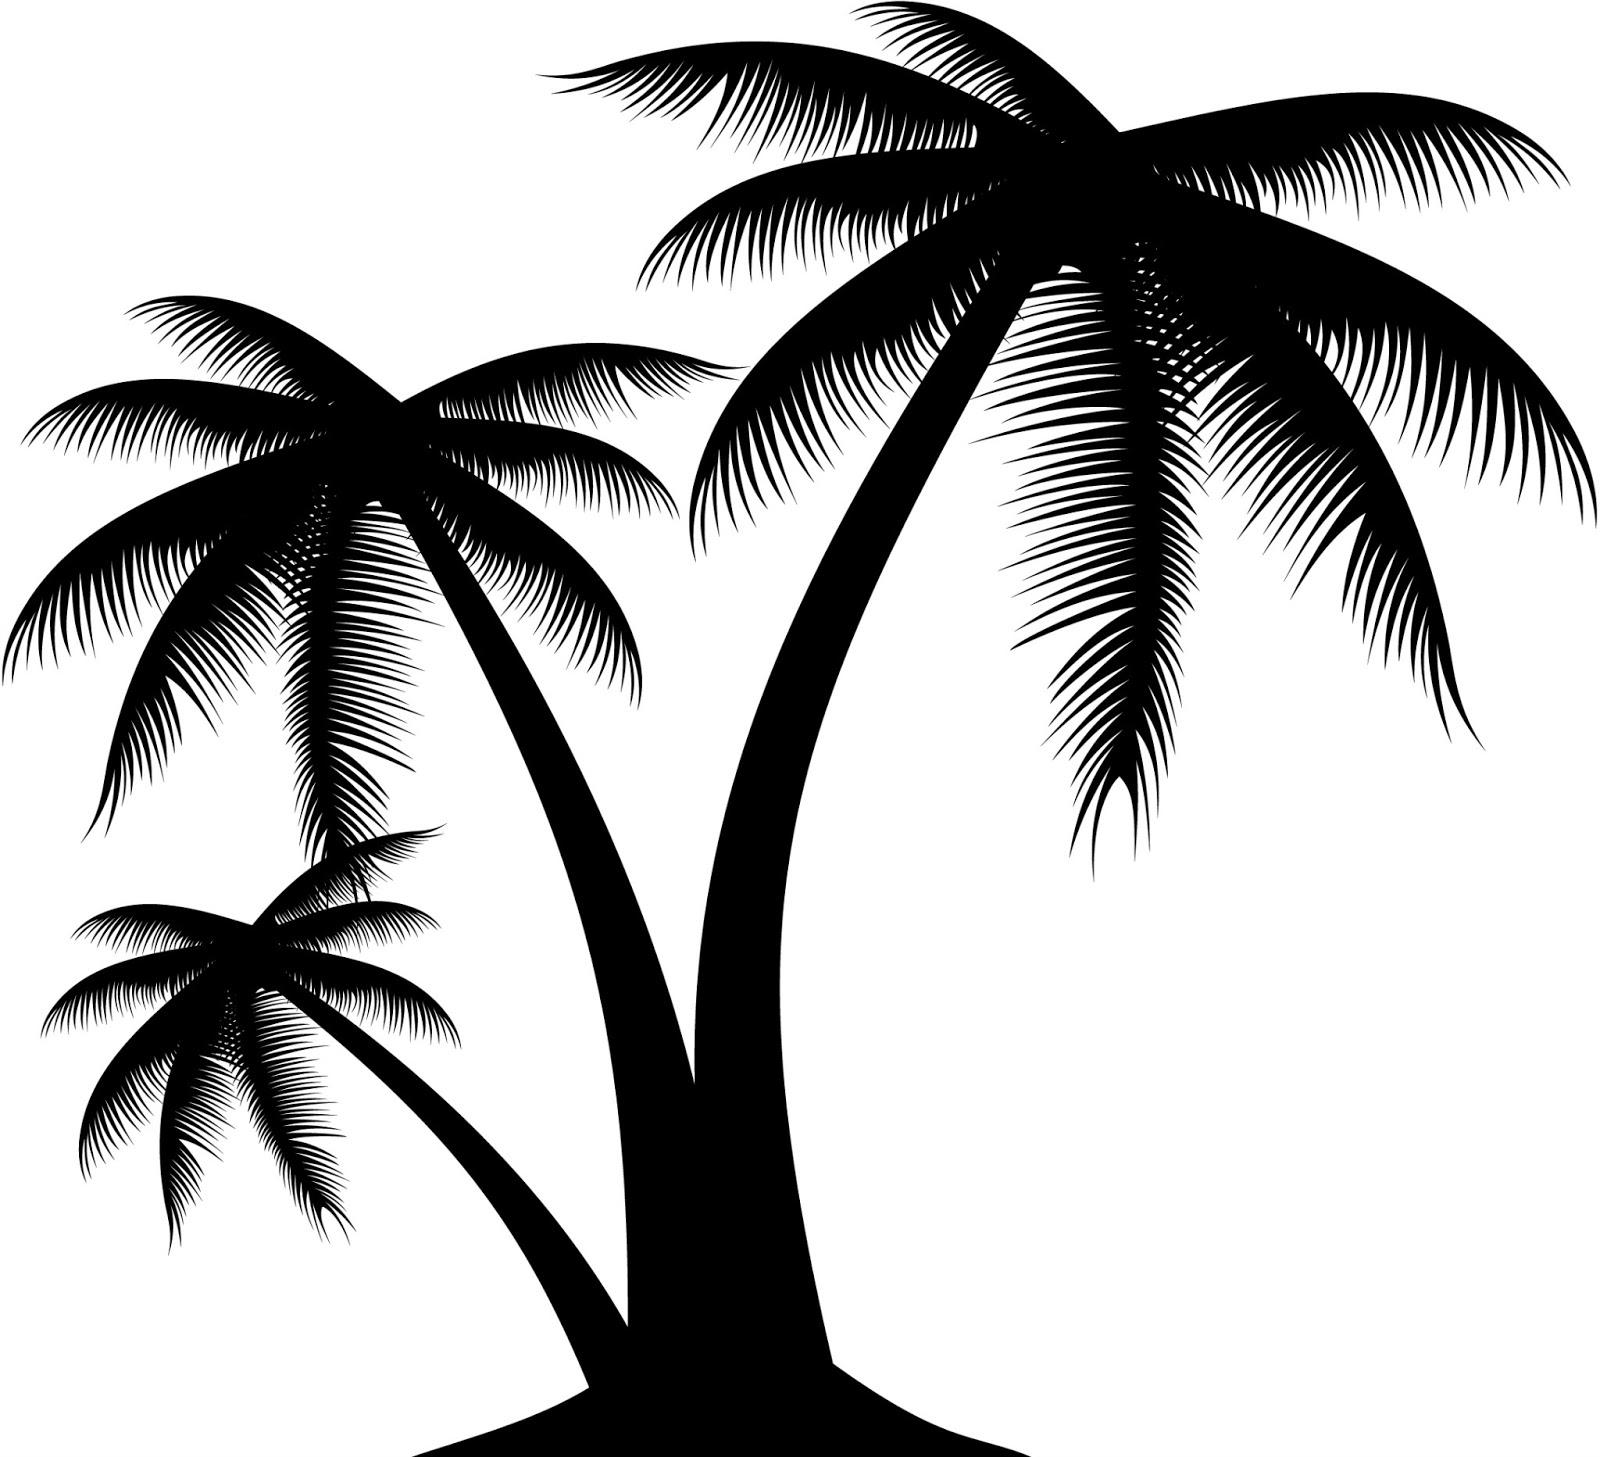 Editor audiovisuals el templat: Siluetas de palmeras exoticas